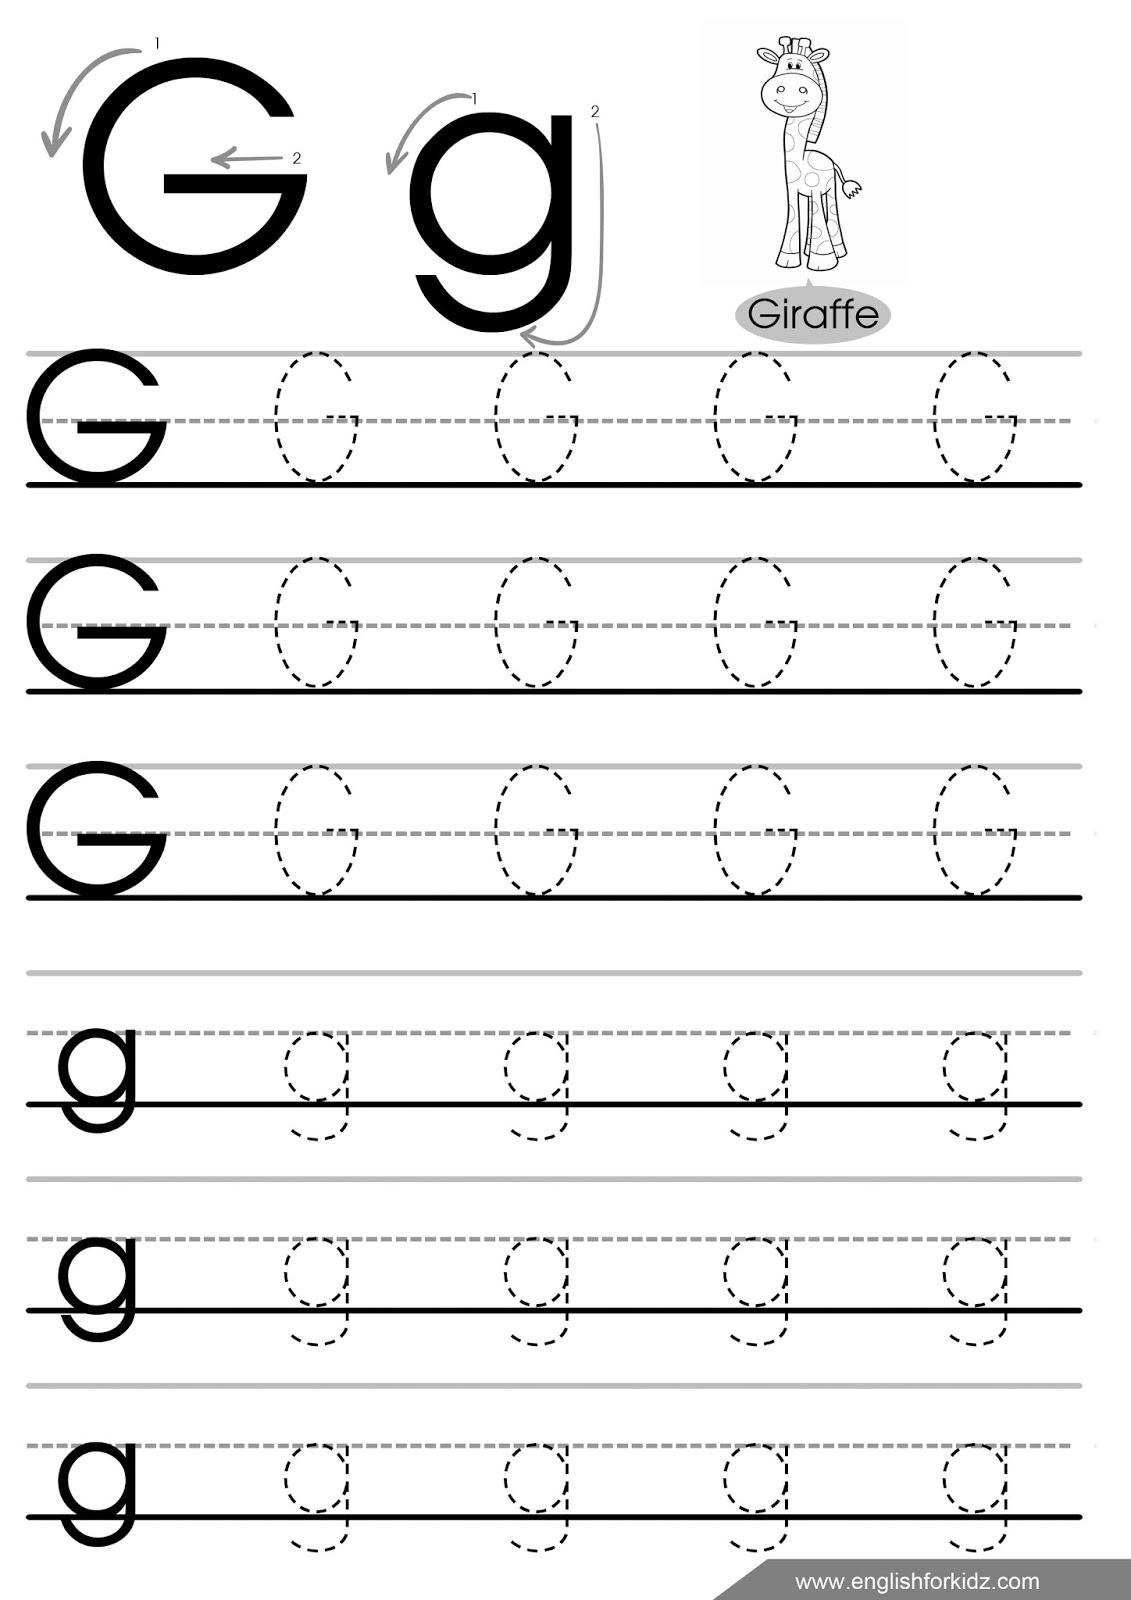 Letter G Tracing Worksheets Preschool The Best Worksheets Image